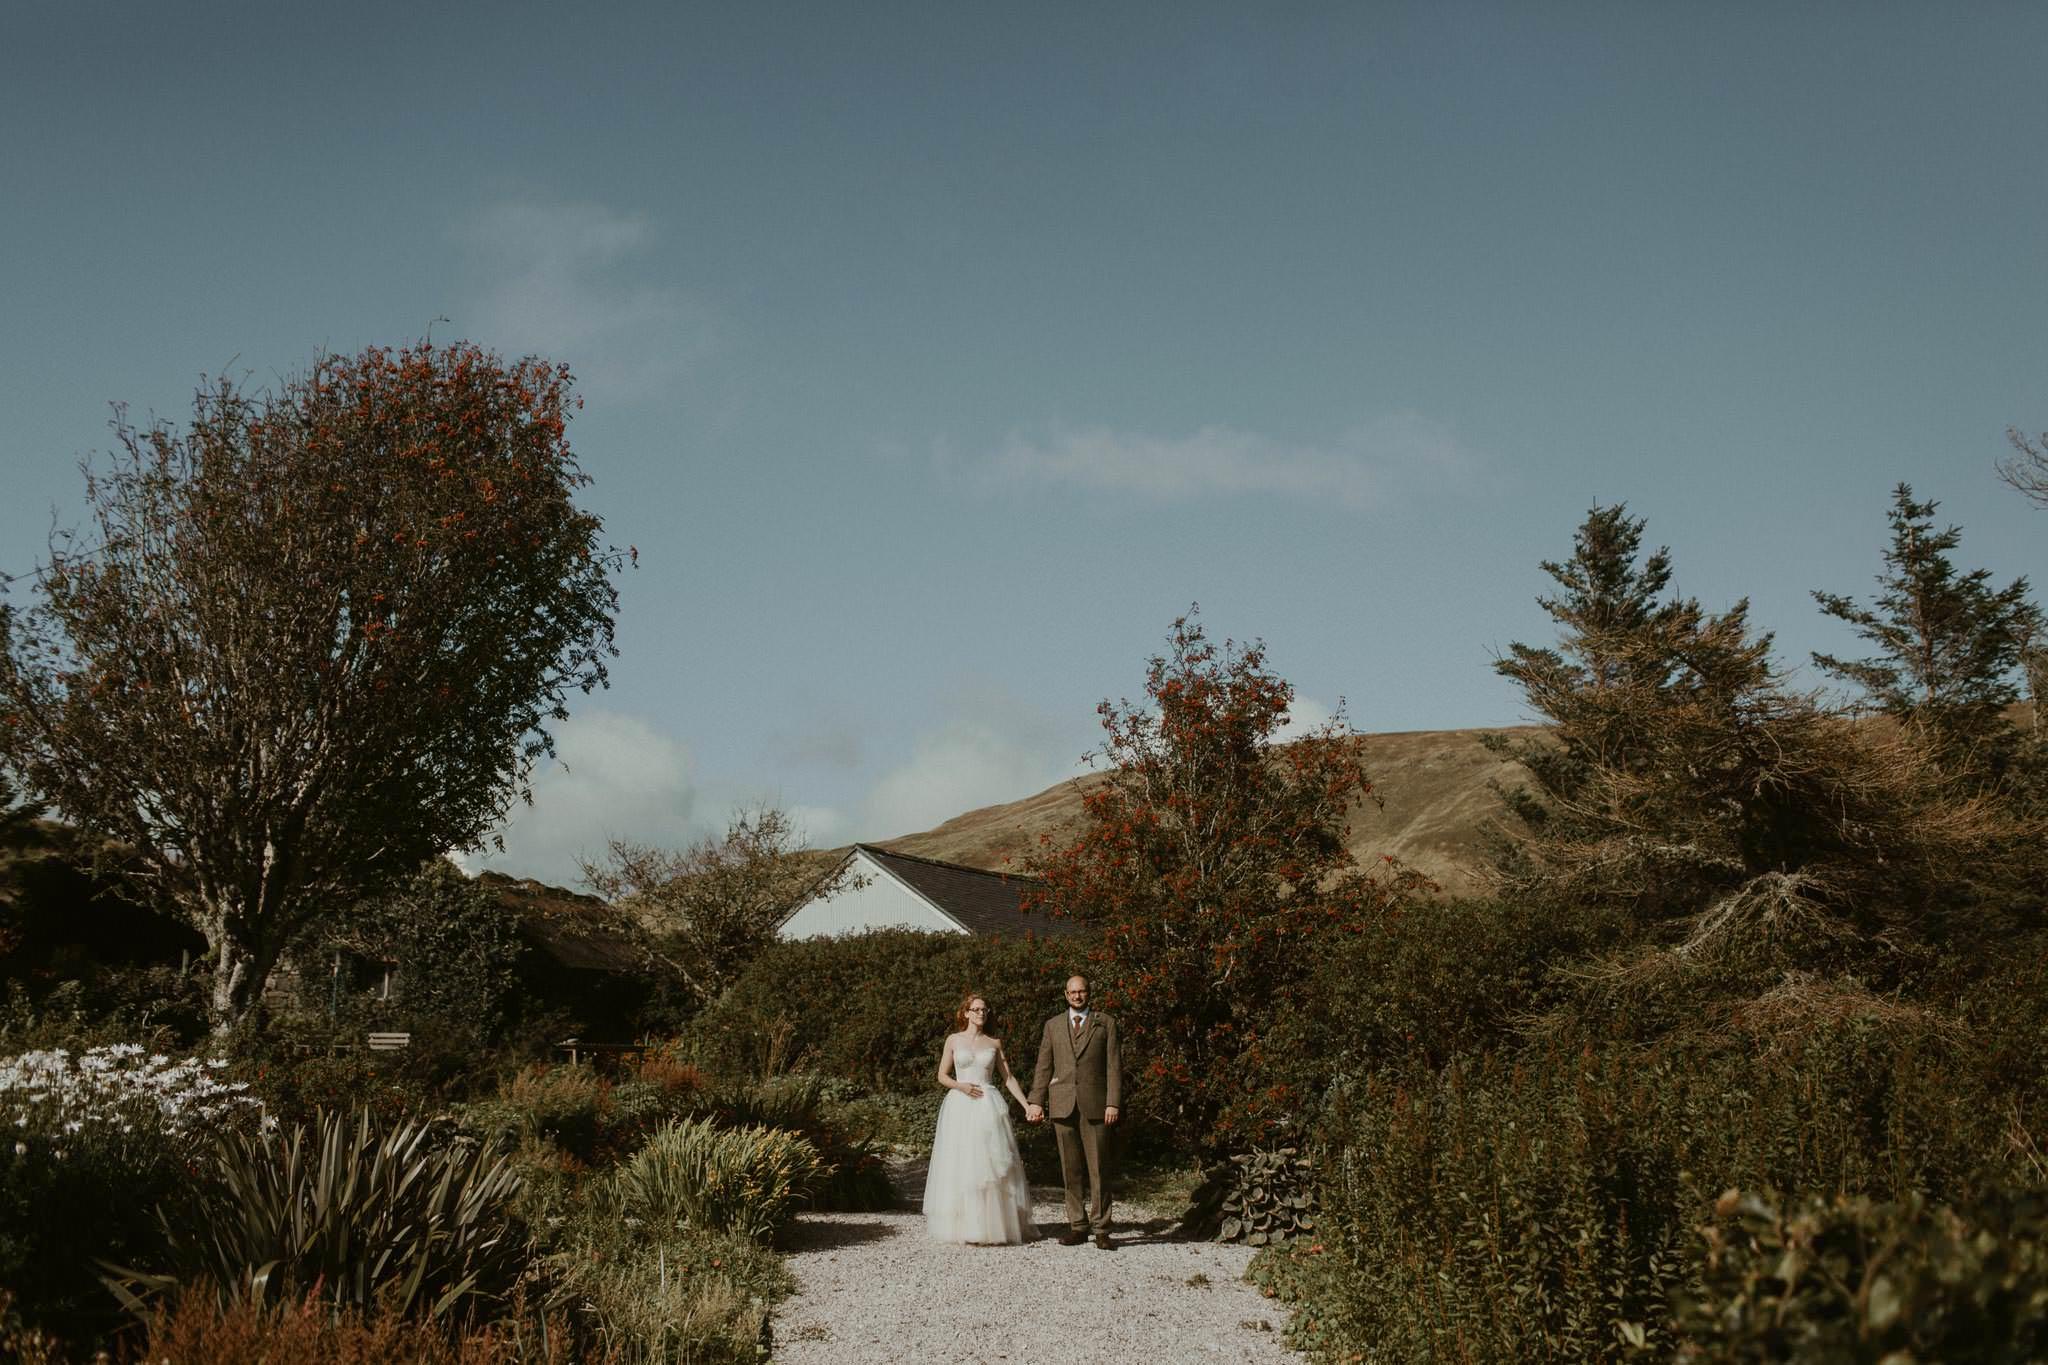 isle-of-skye-elopement-wedding-095